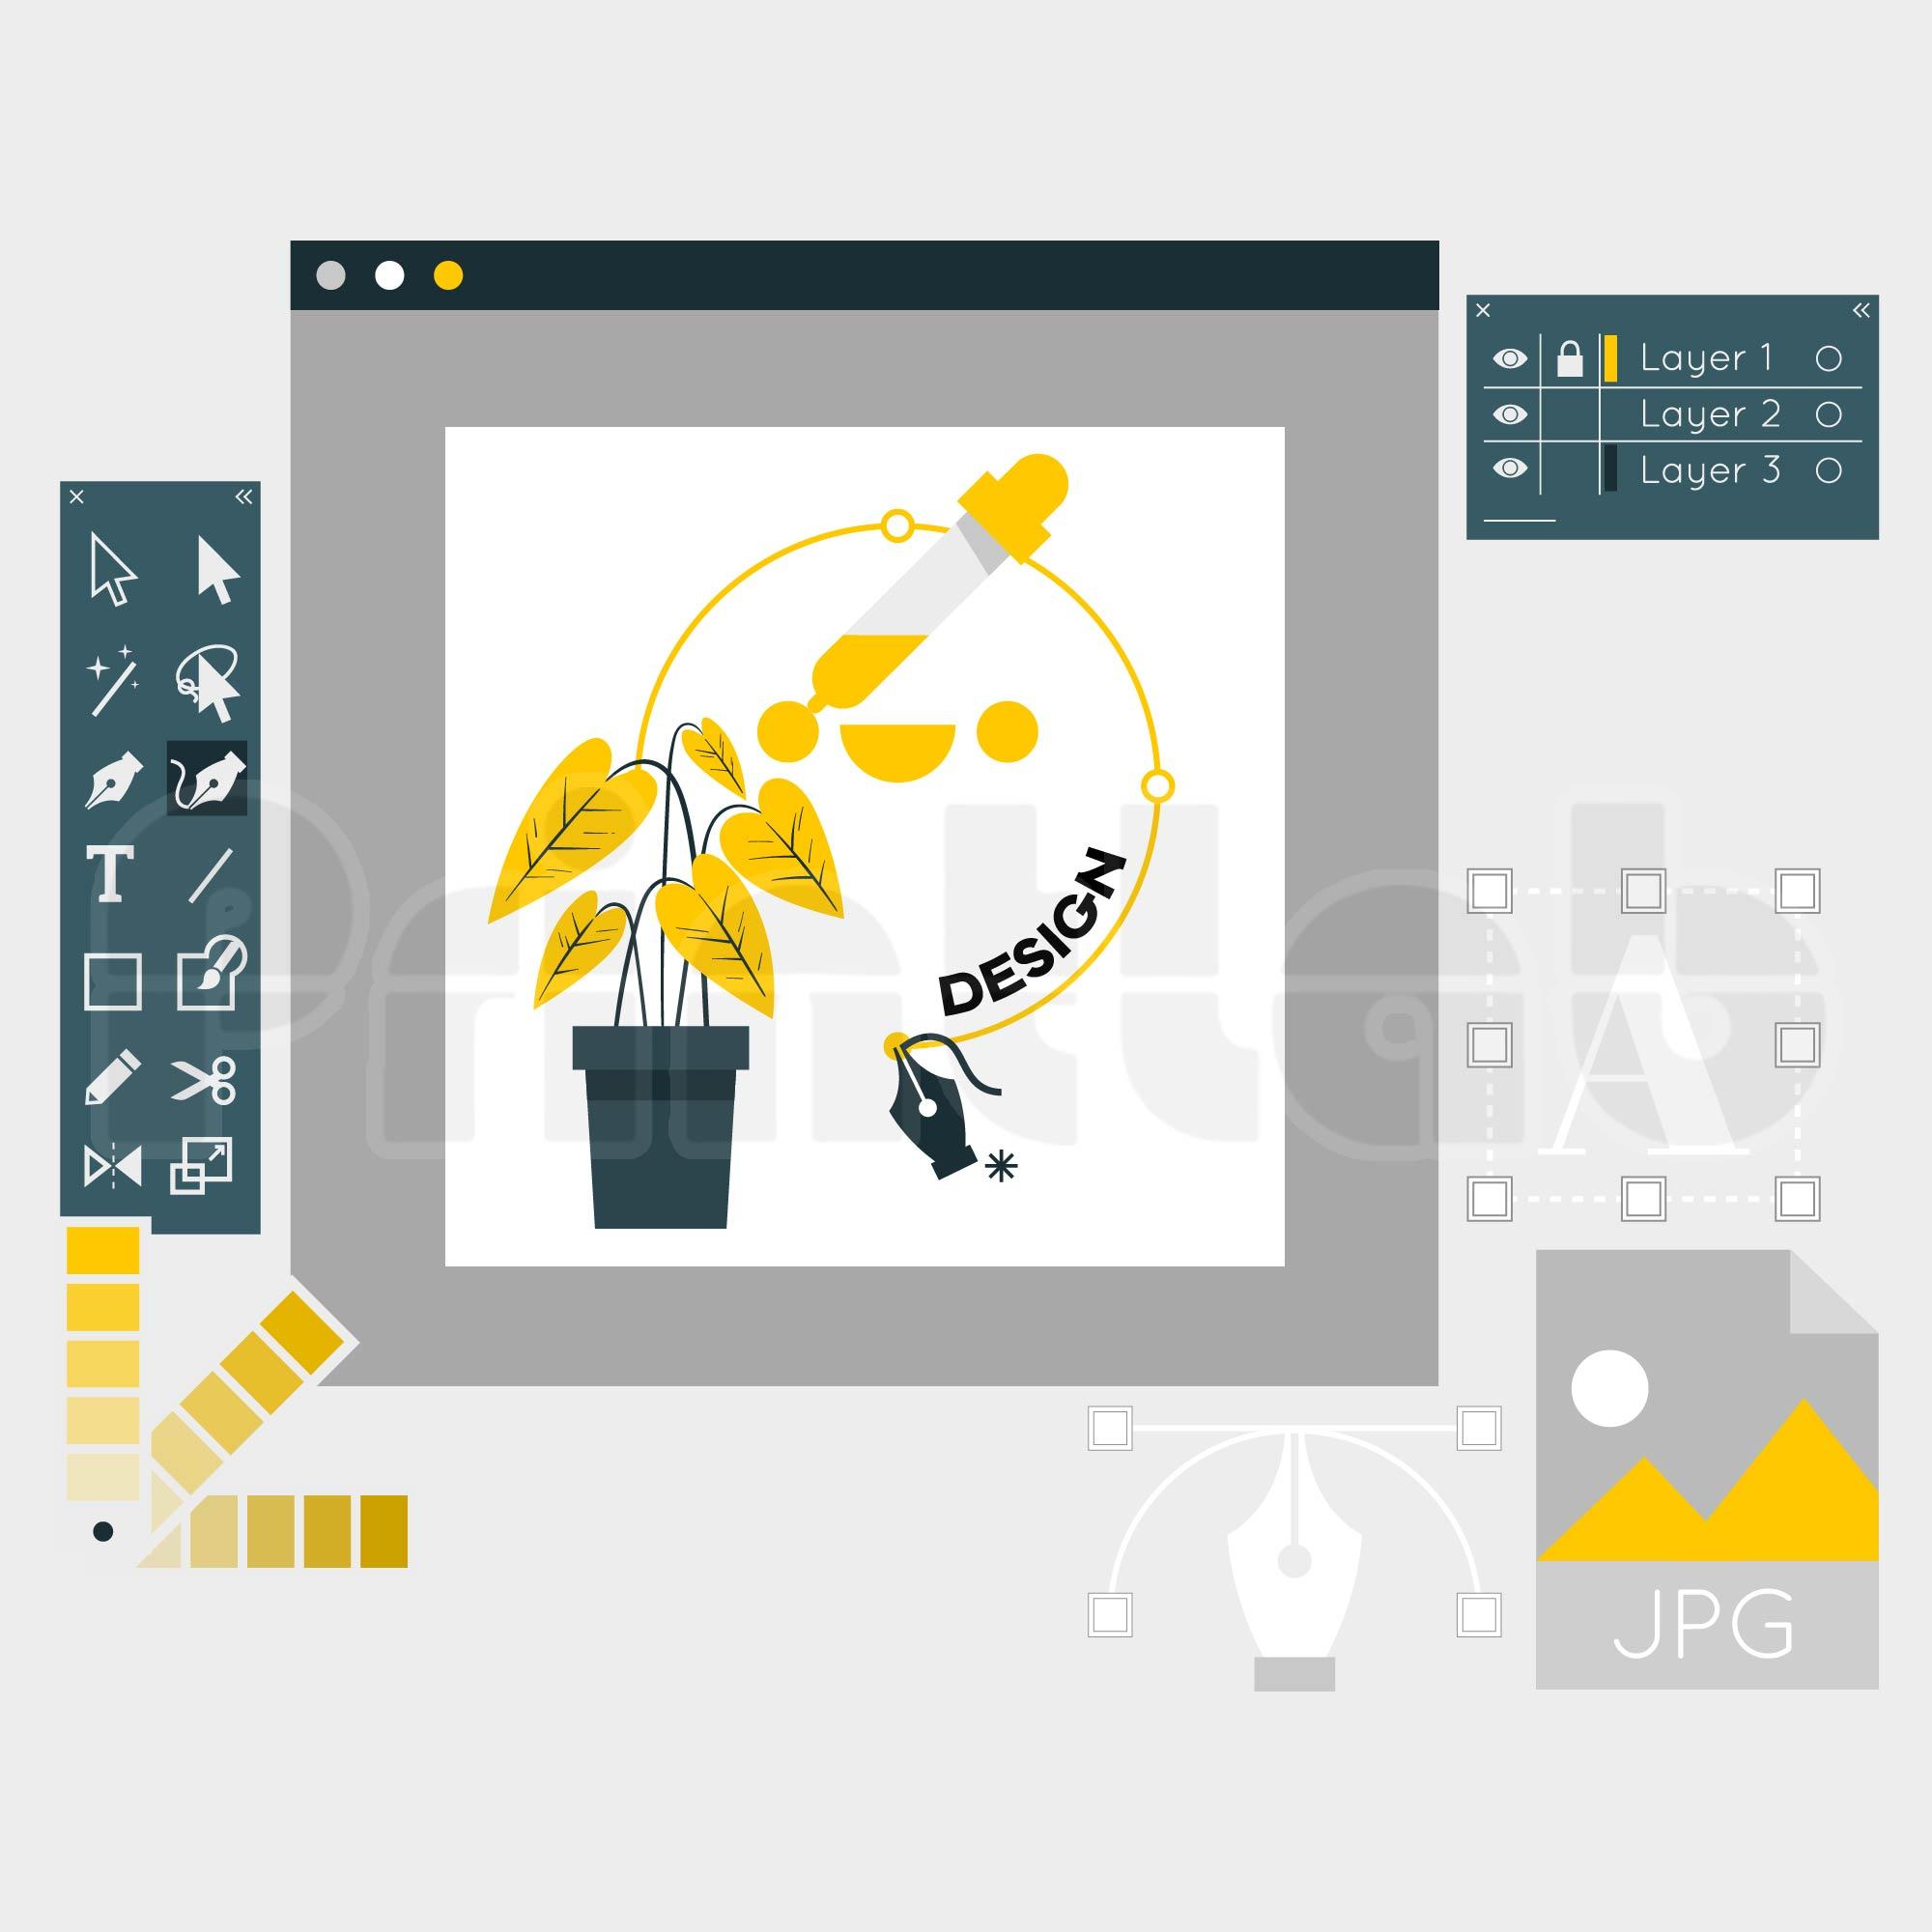 Design Text & Image (Full Design)